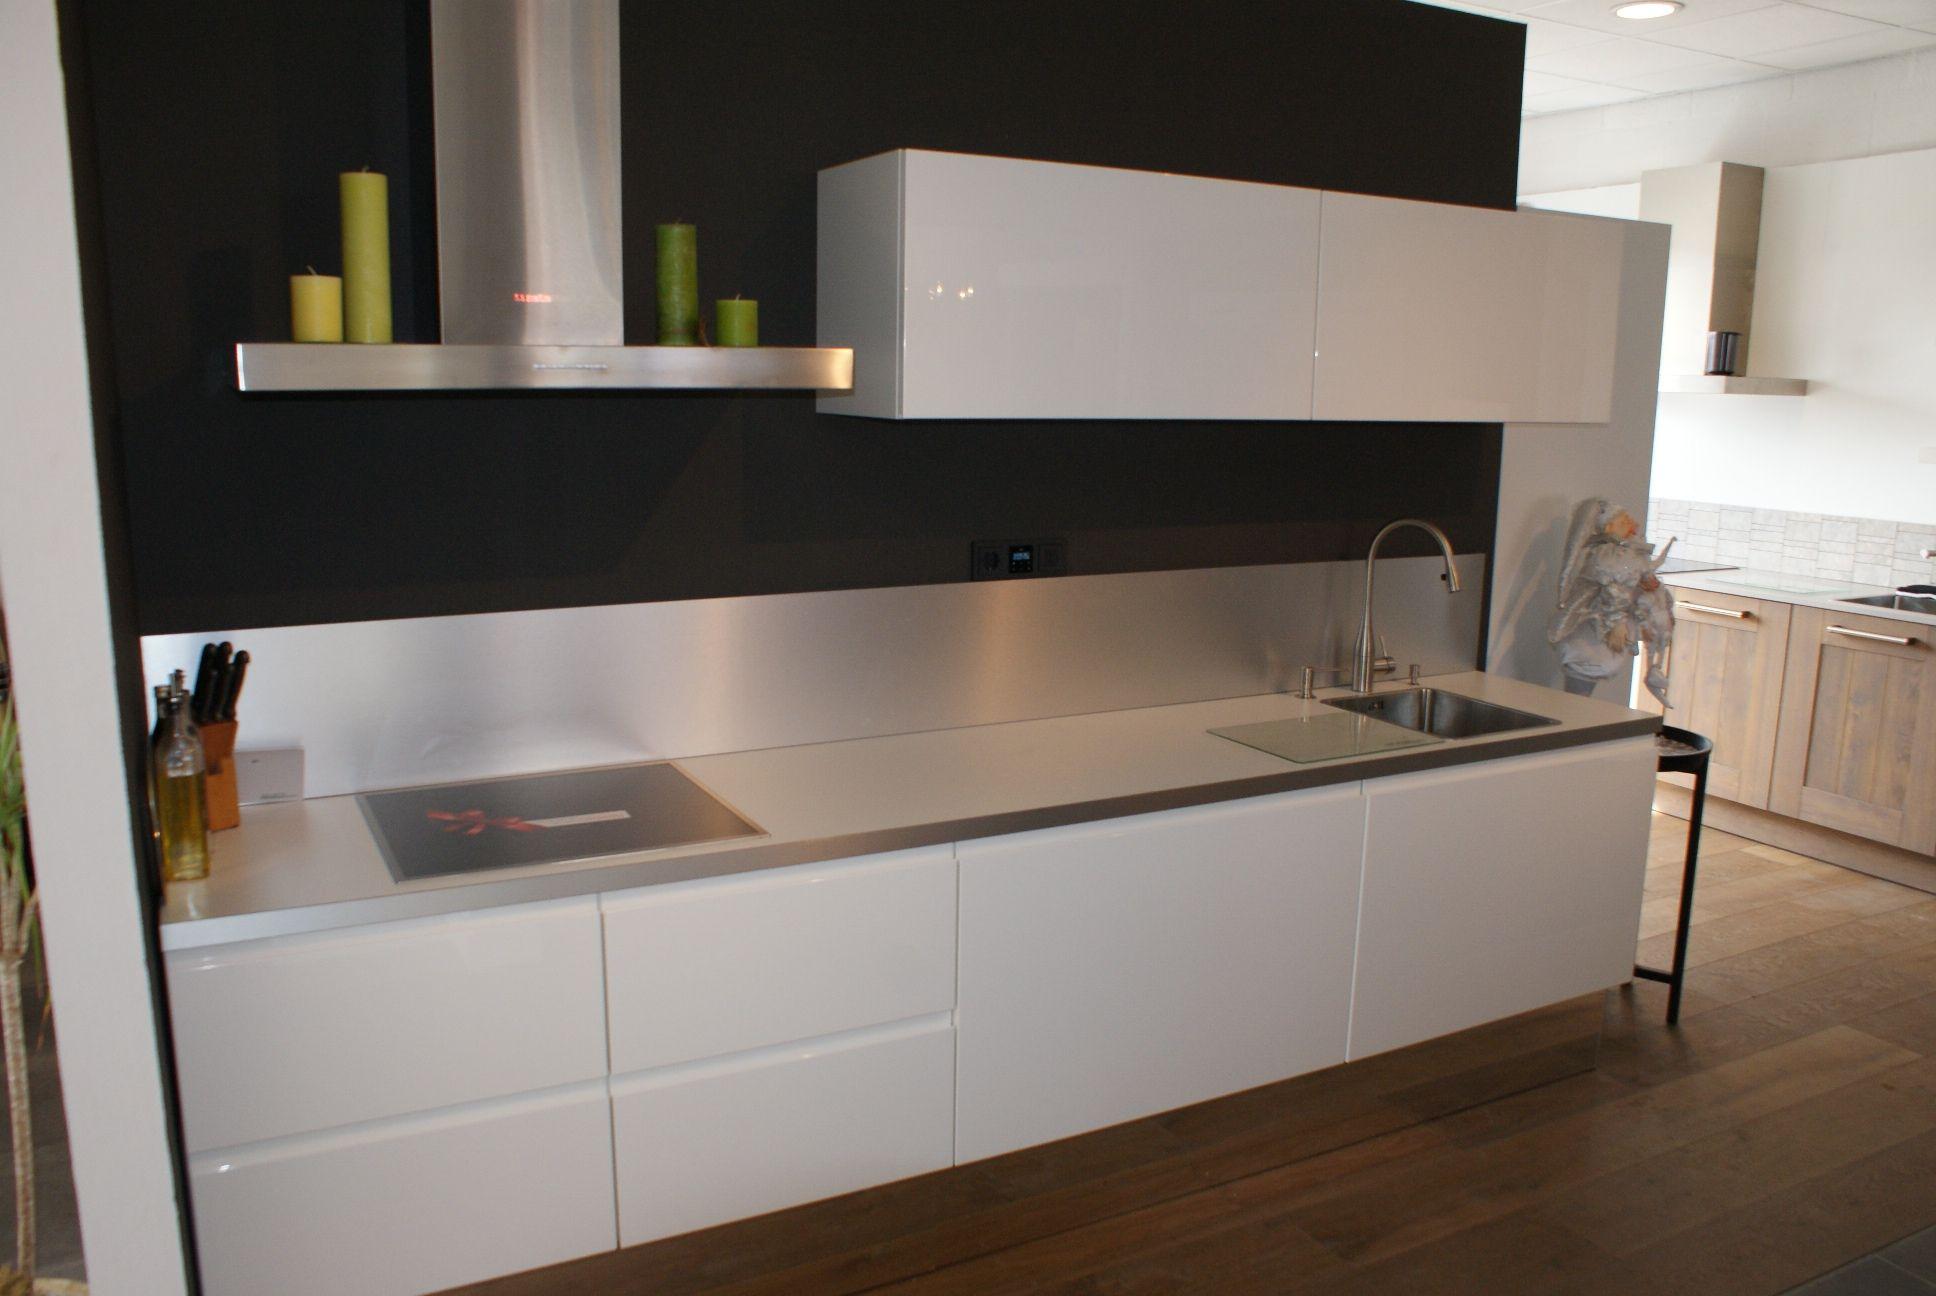 Witte keuken met granieten blad een greeploze keuken met hoogglans witte fronten en composiet - Keuken met granieten werkblad ...